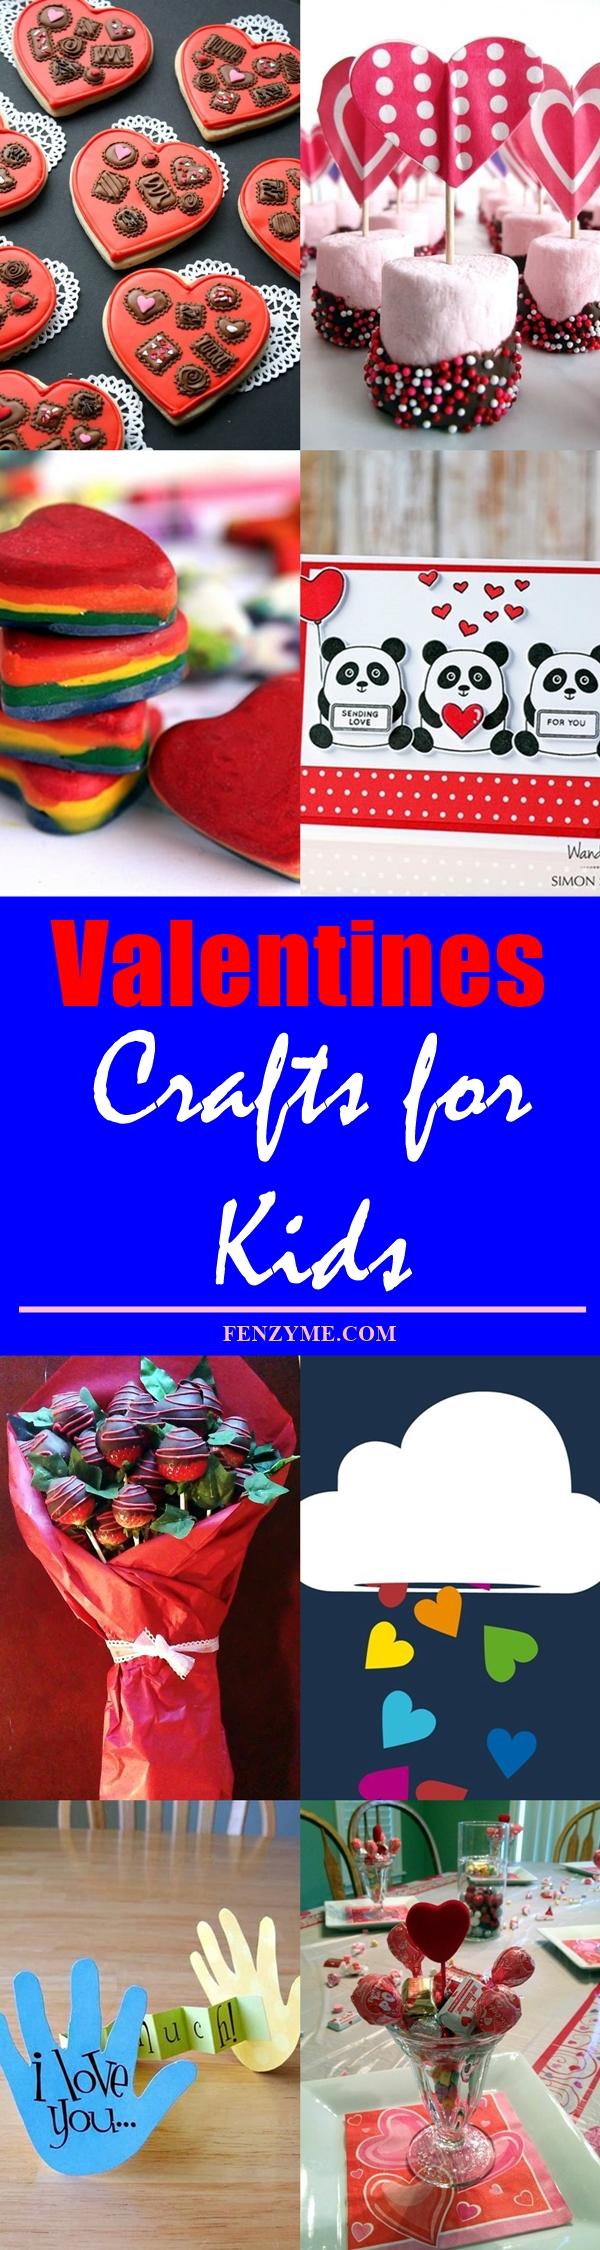 valentines-crafts-for-kids-12-tile